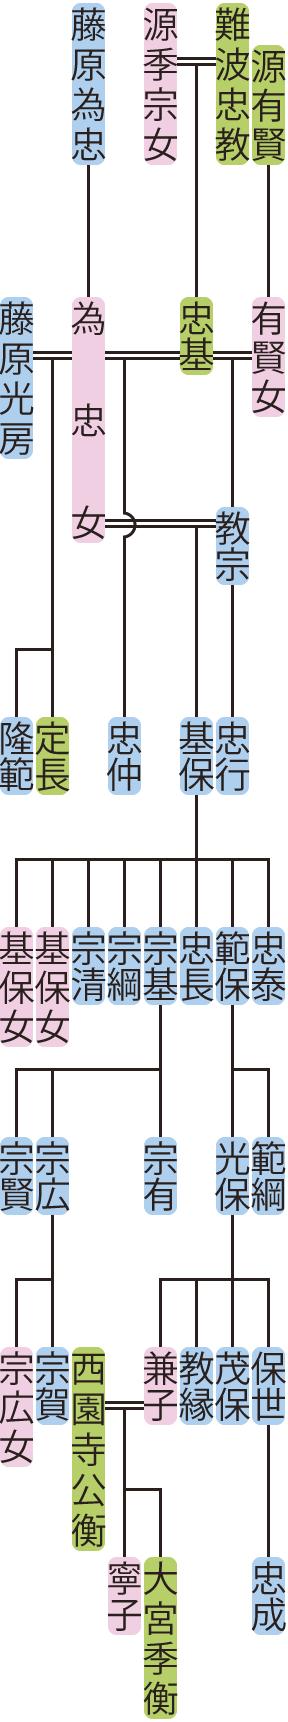 難波教宗の系図